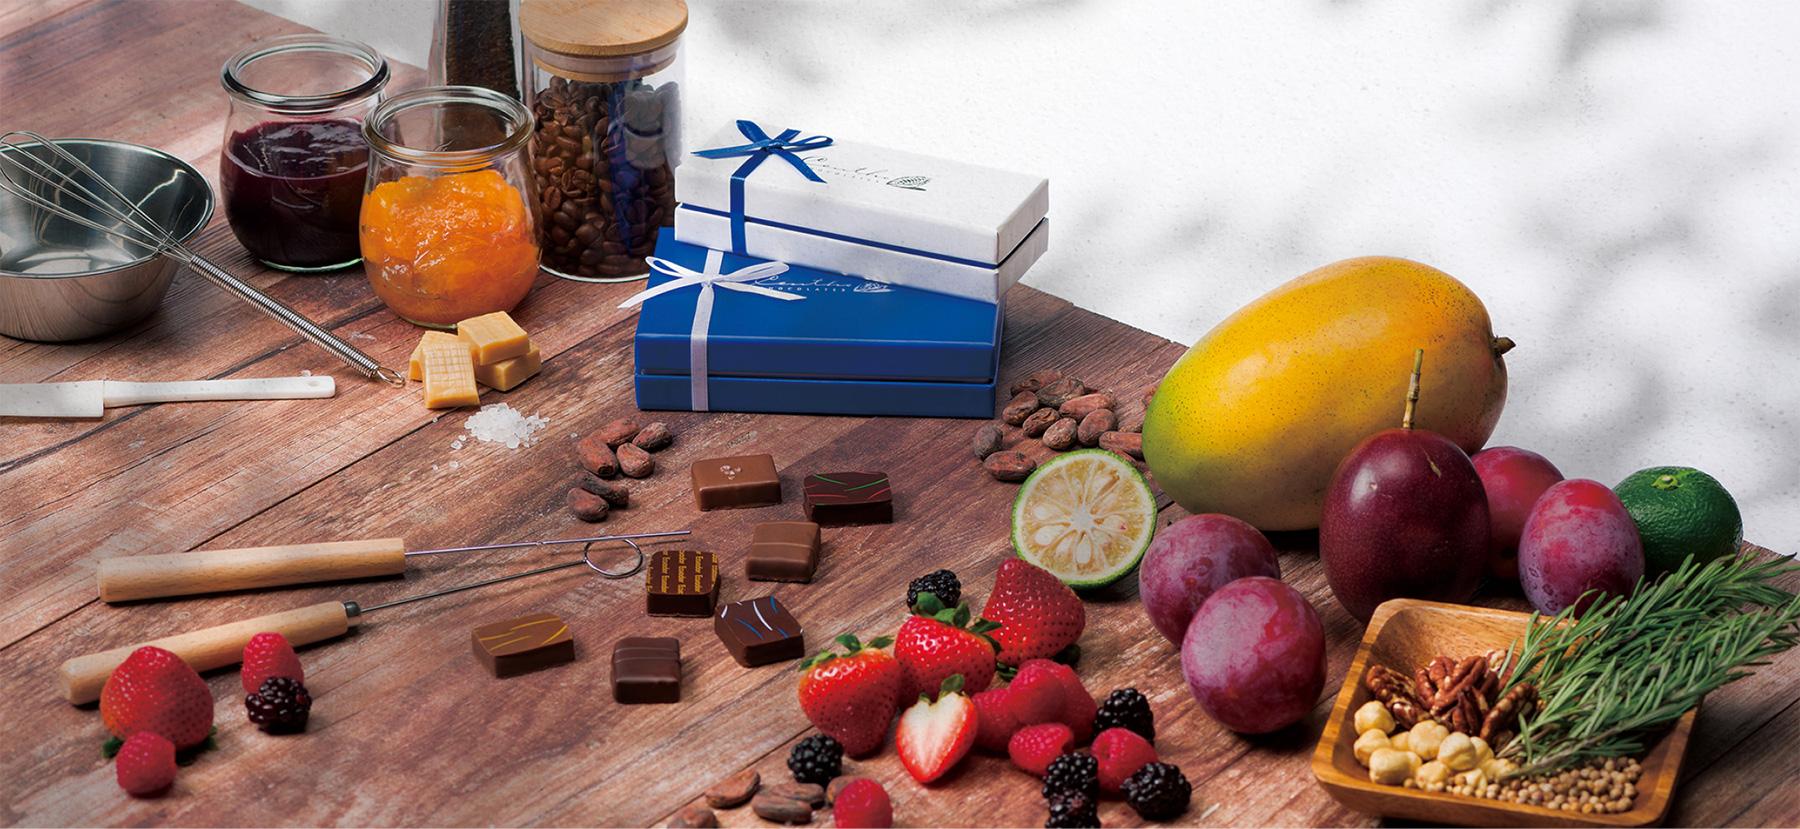 ベルギーチョコレート CENTHO